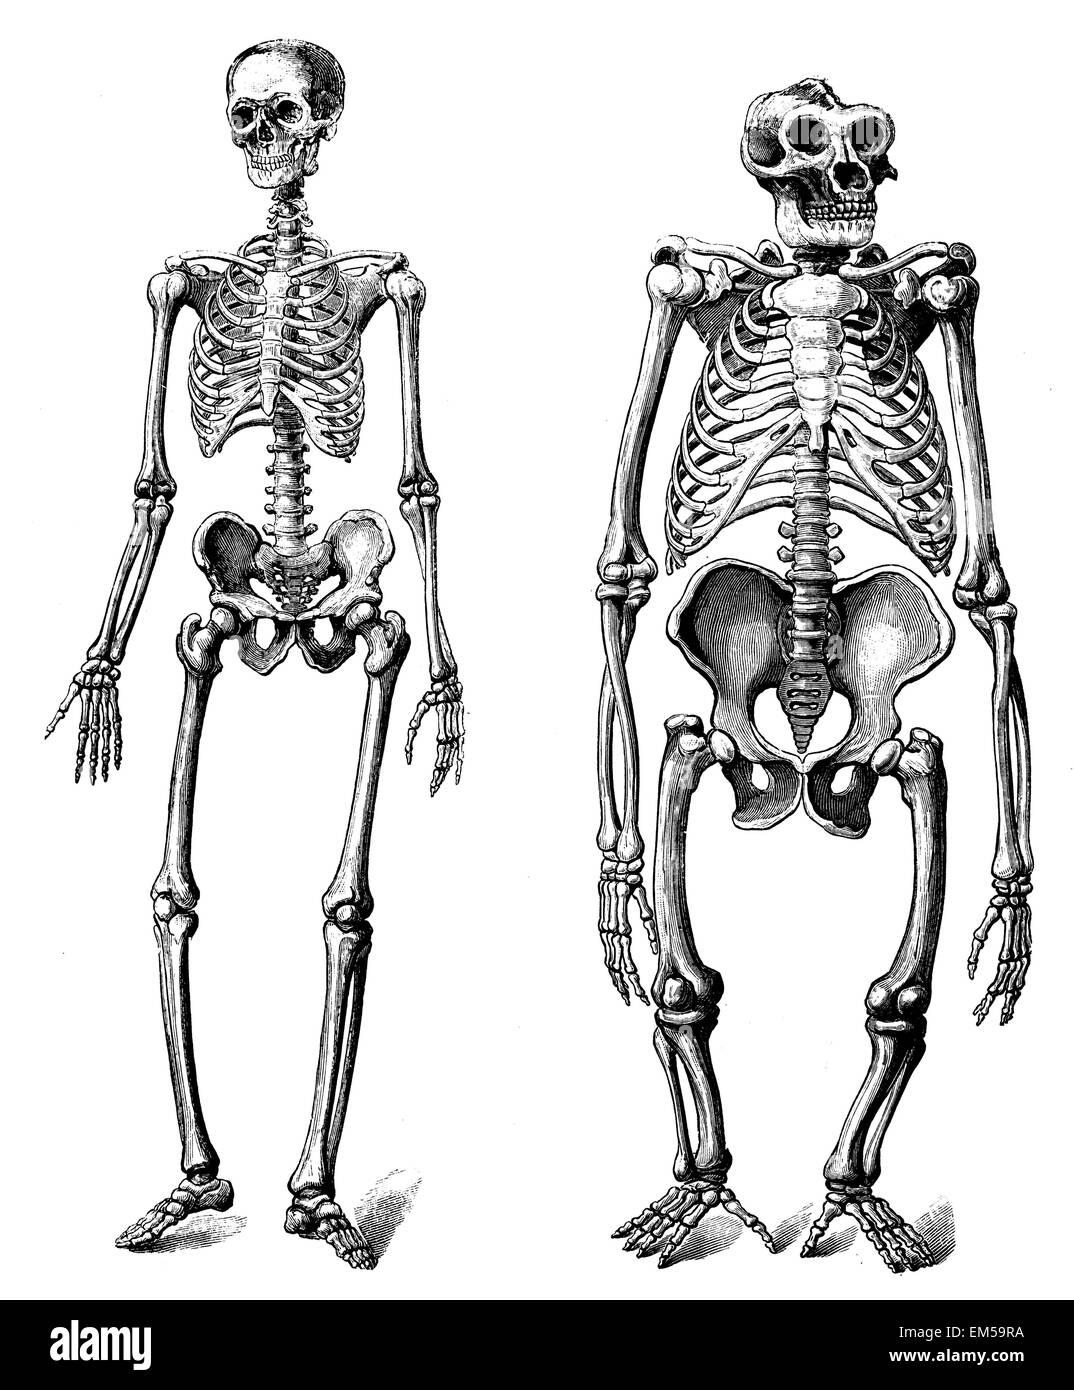 Skeleton of the person Skeleton of the Gorilla Stock Photo: 81252062 ...